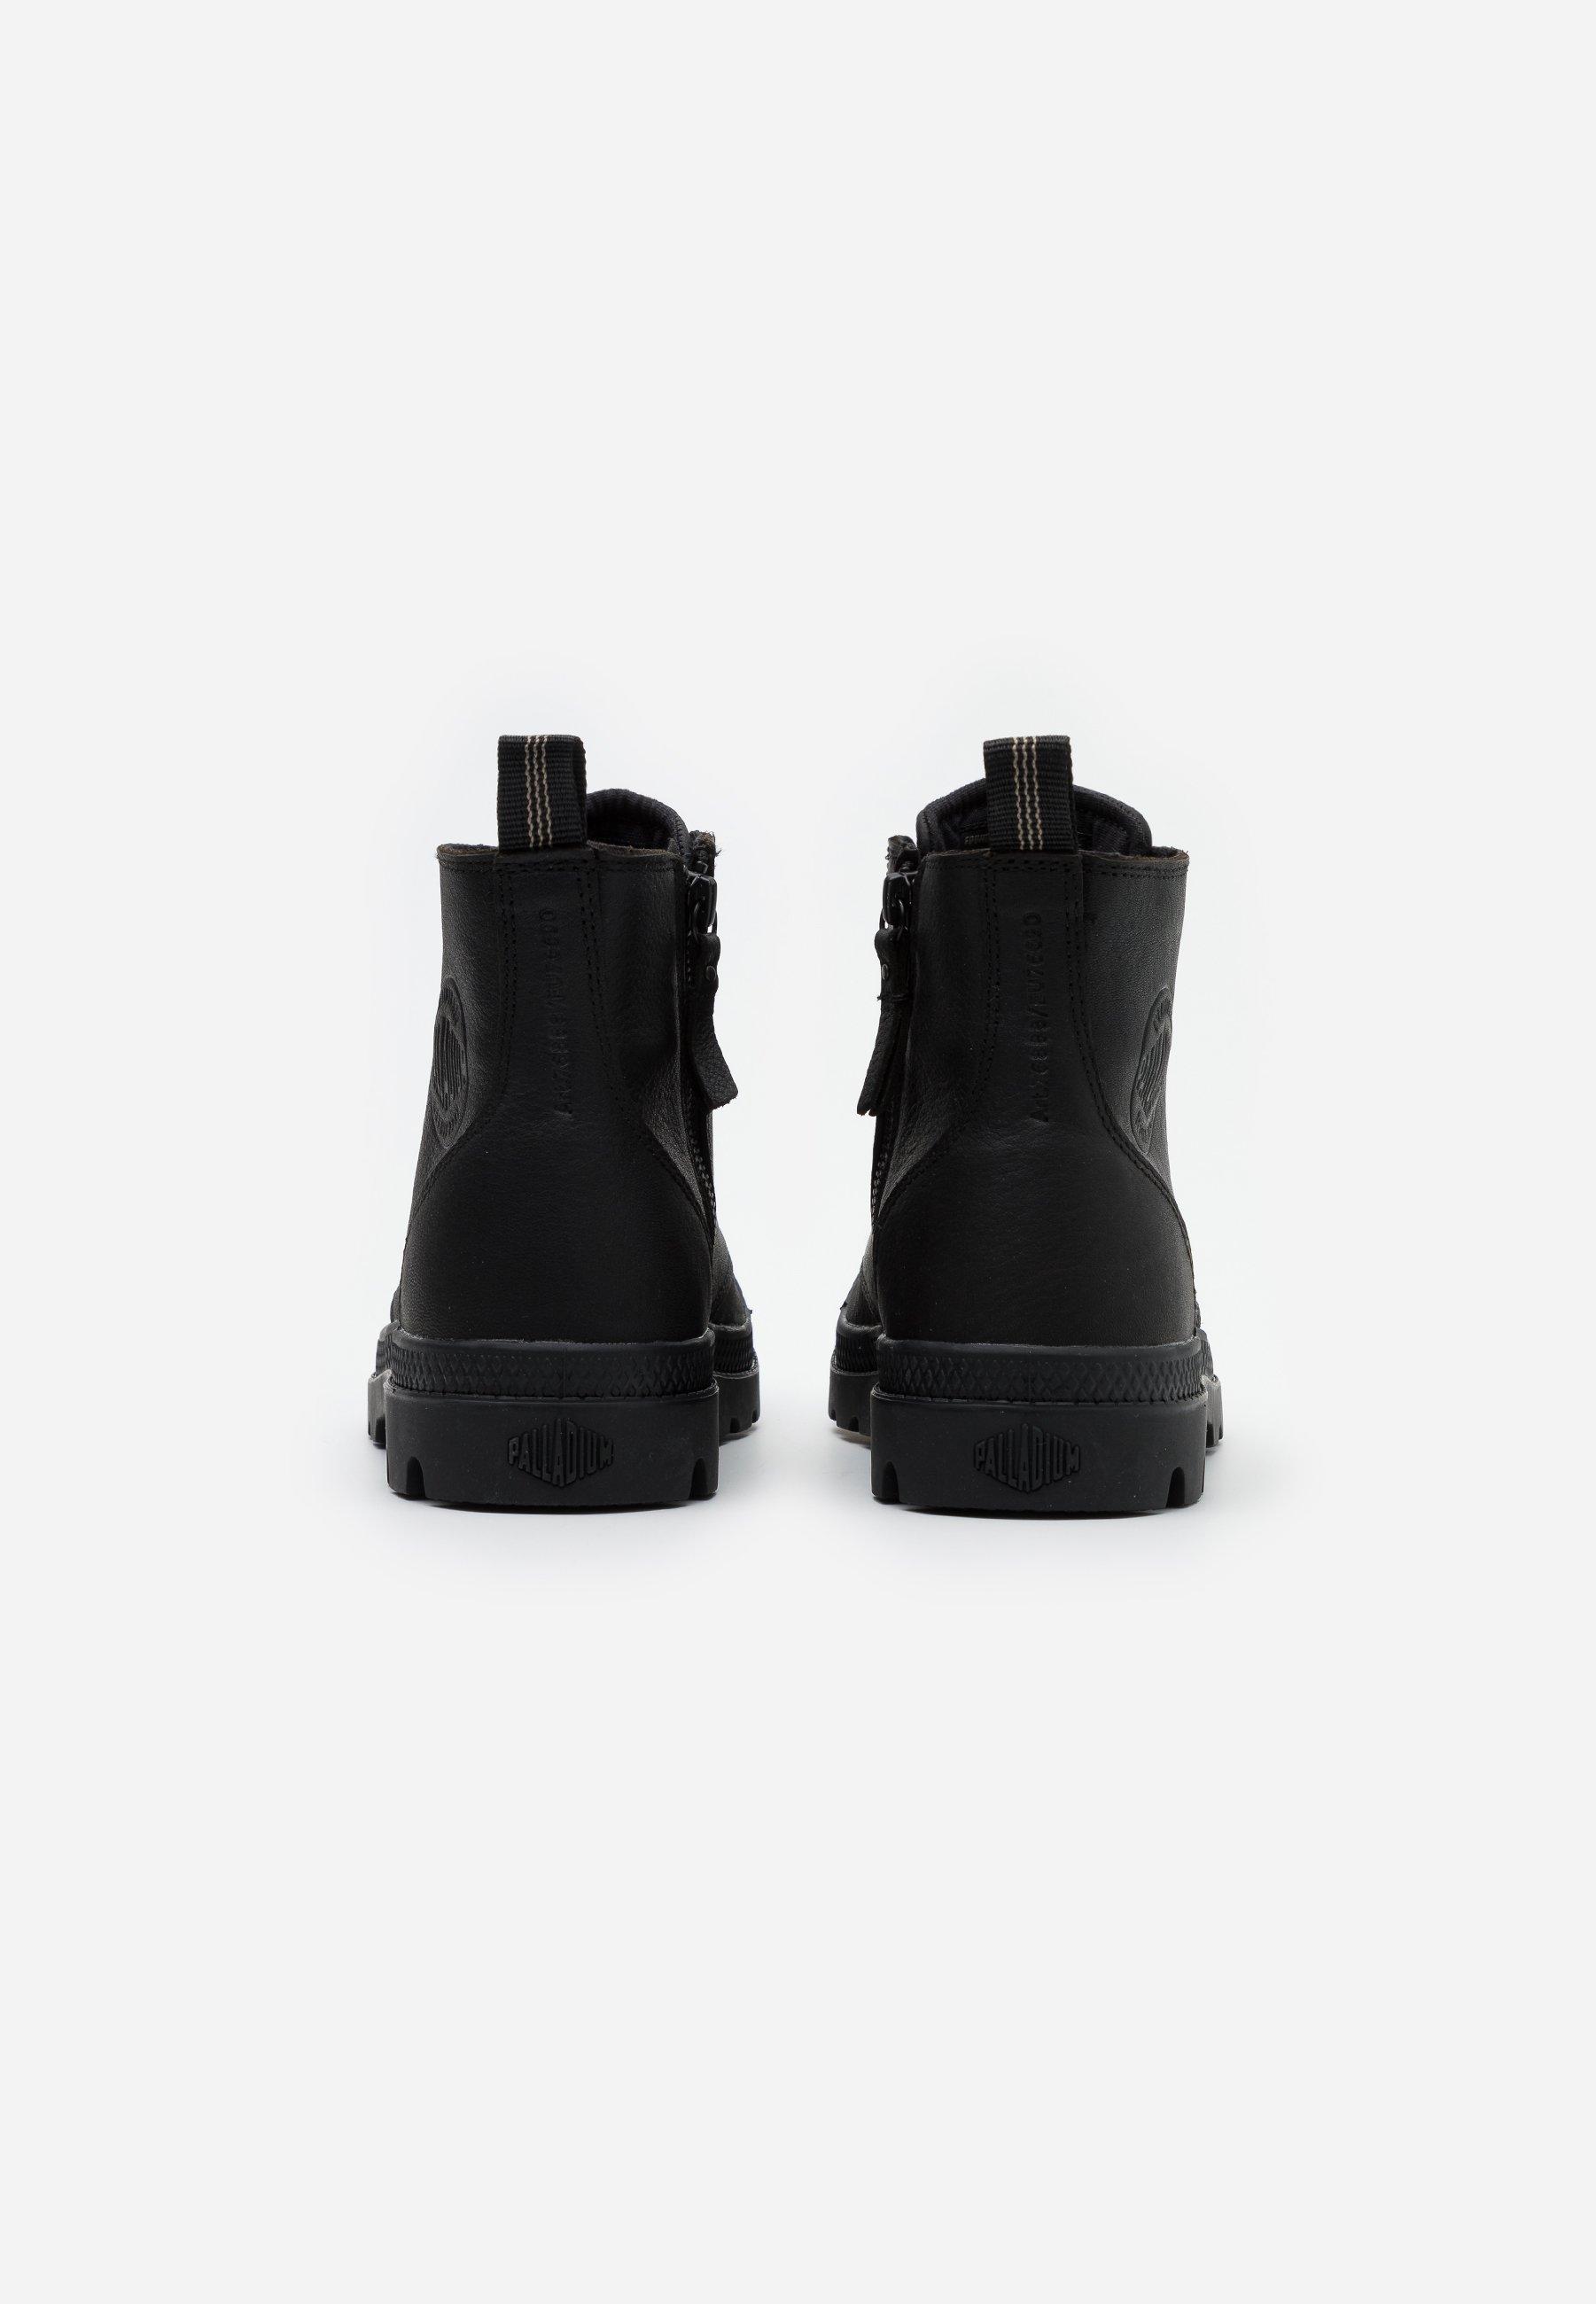 Meilleurs prix Palladium PAMPA ZIP Bottines à lacets black